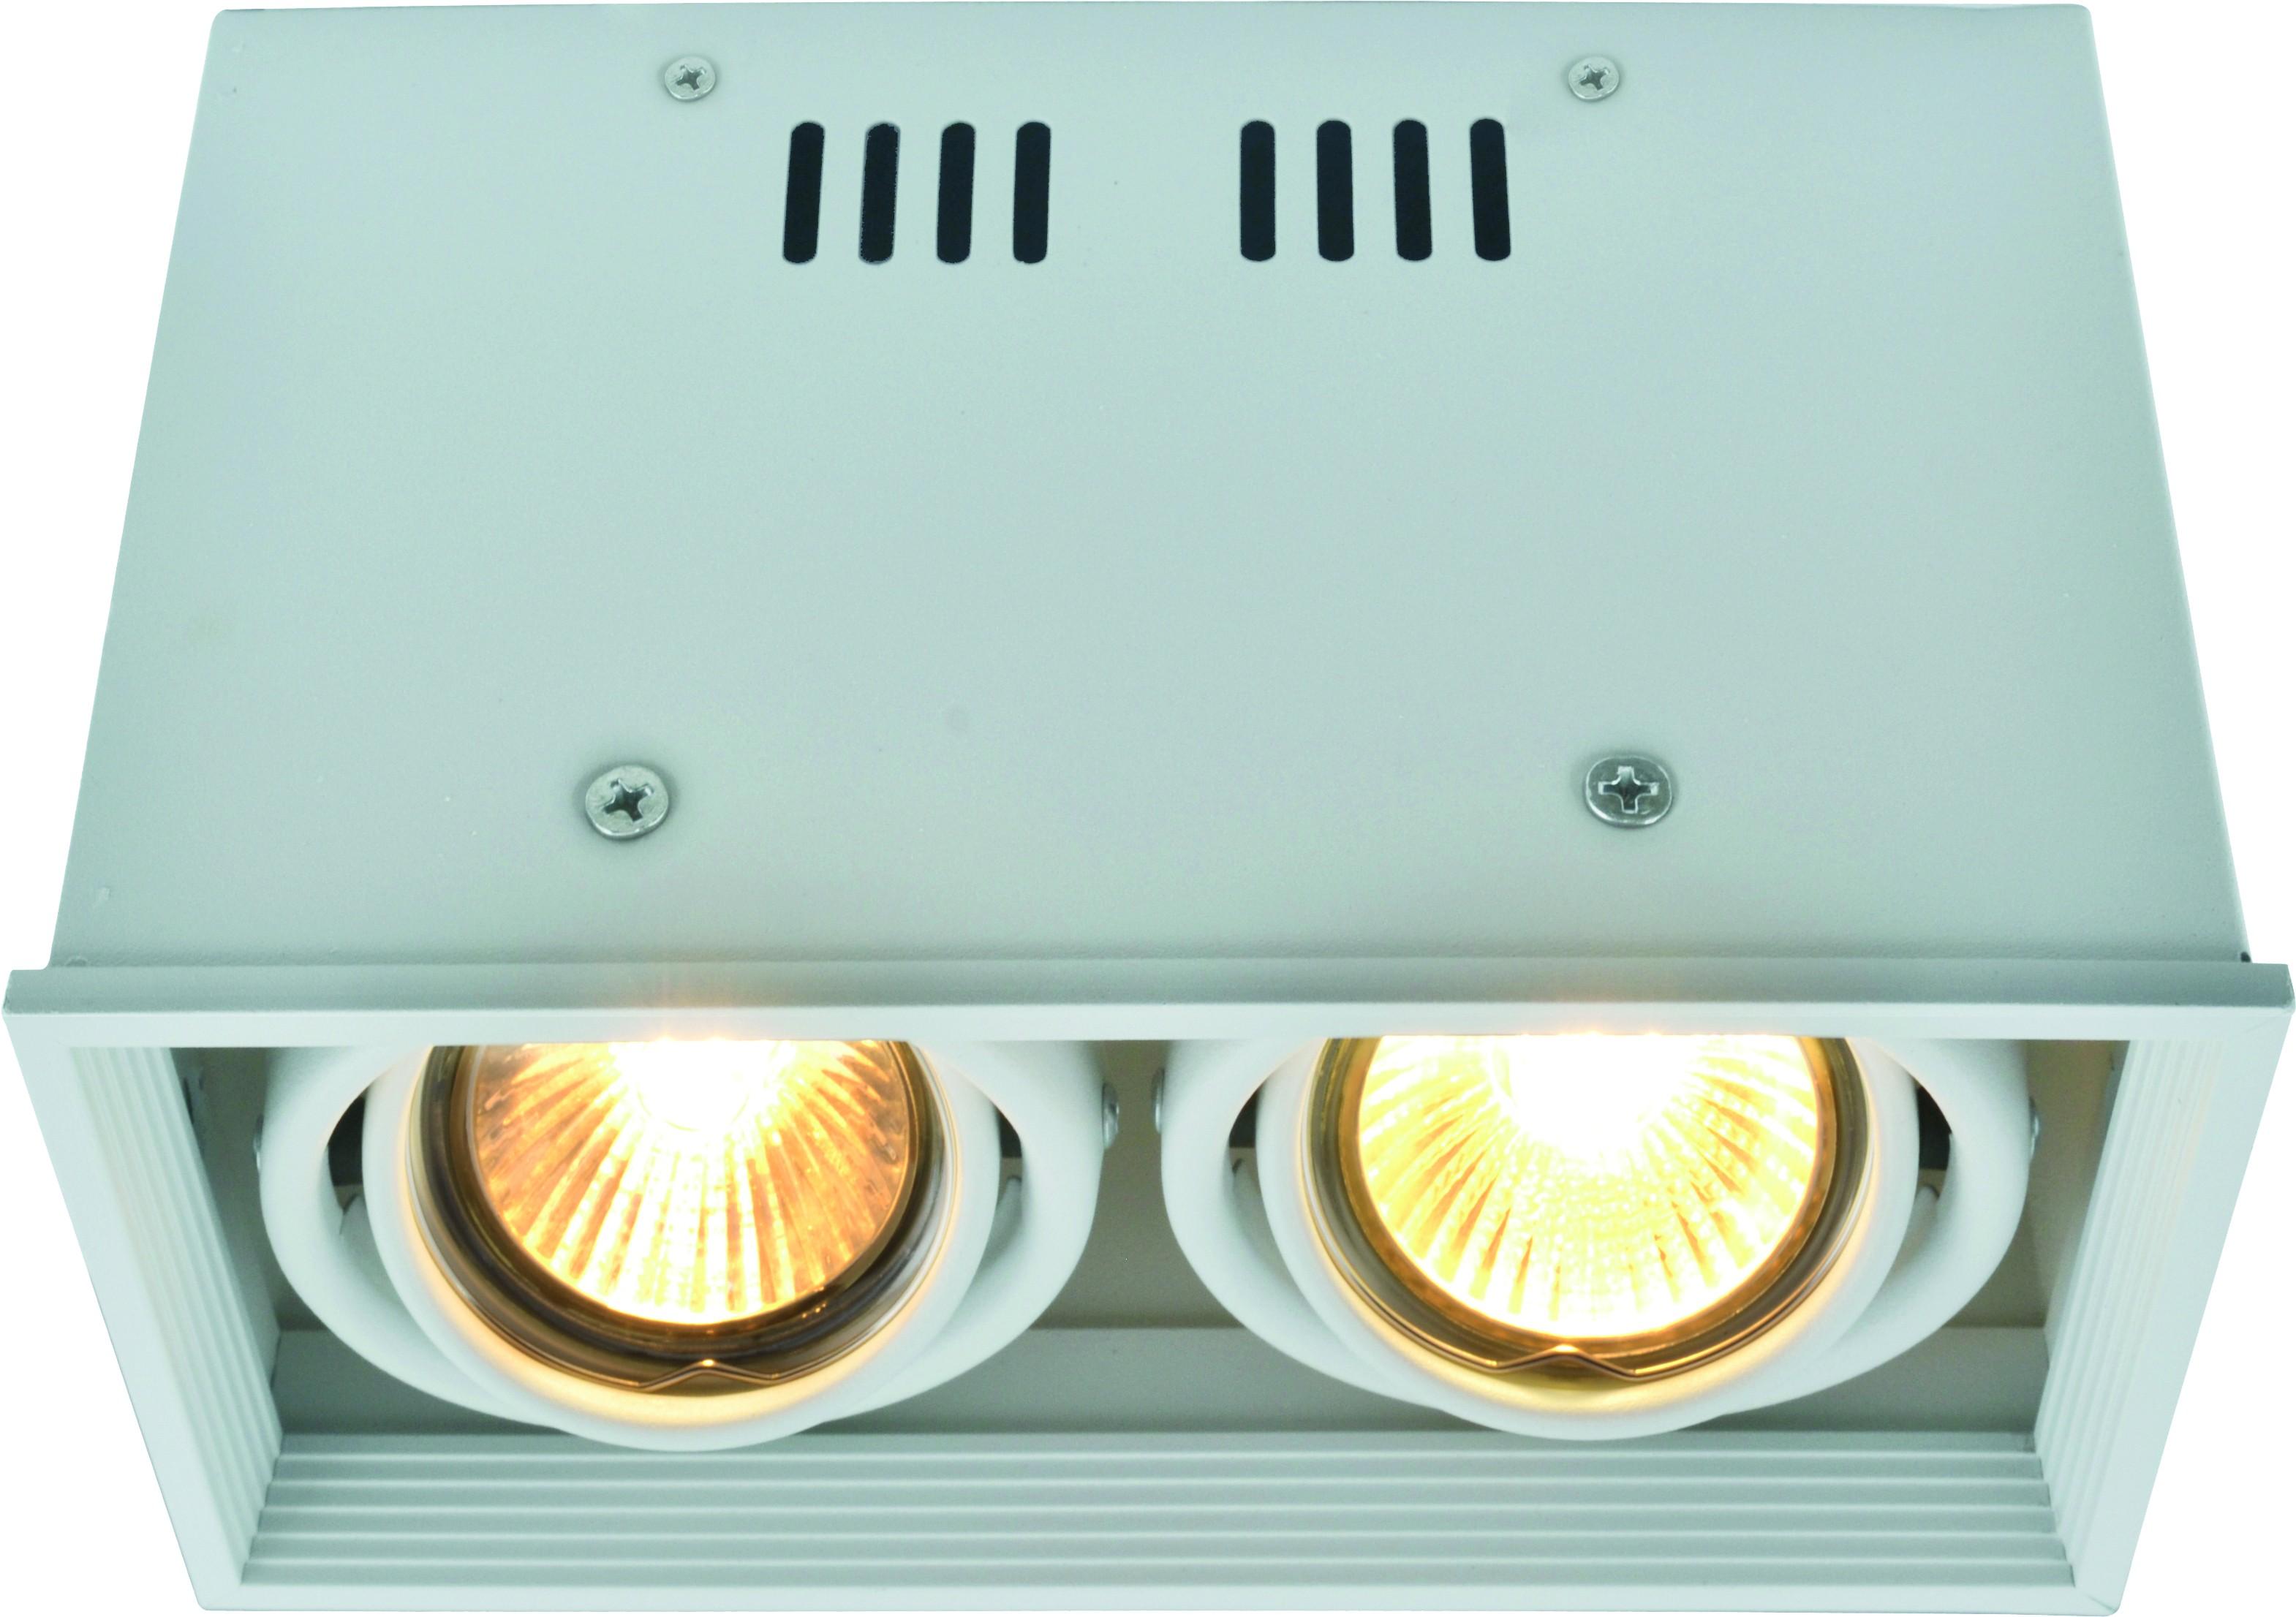 Светильник встраиваемый Arte lamp A5942pl-2wh встраиваемый светильник arte lamp studio a3007pl 2wh